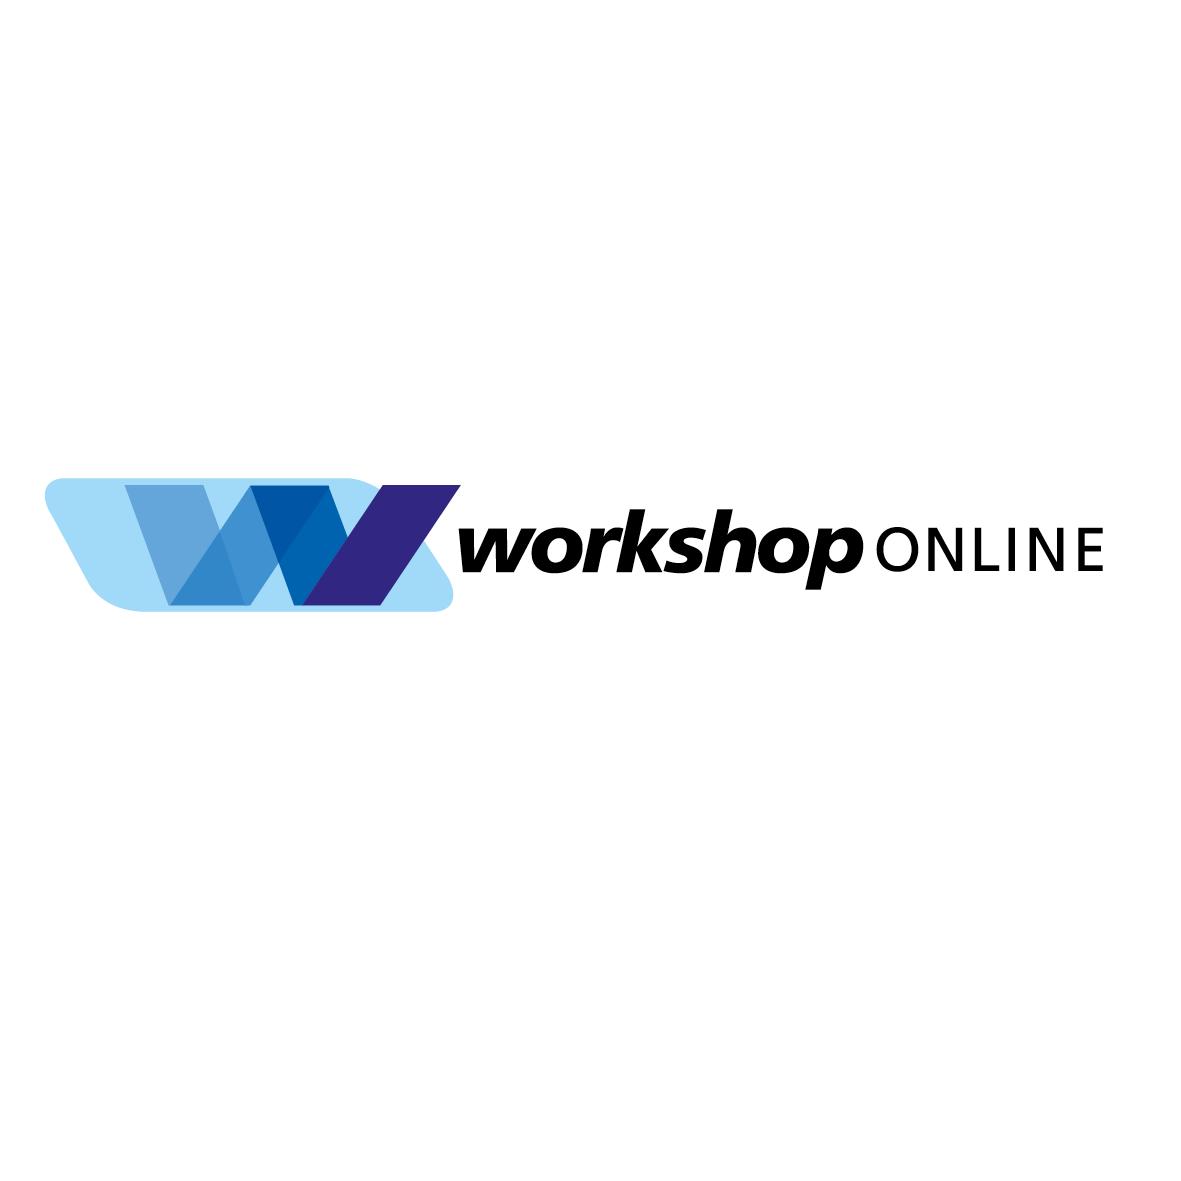 workshop online Logo Agentur Hildesheim